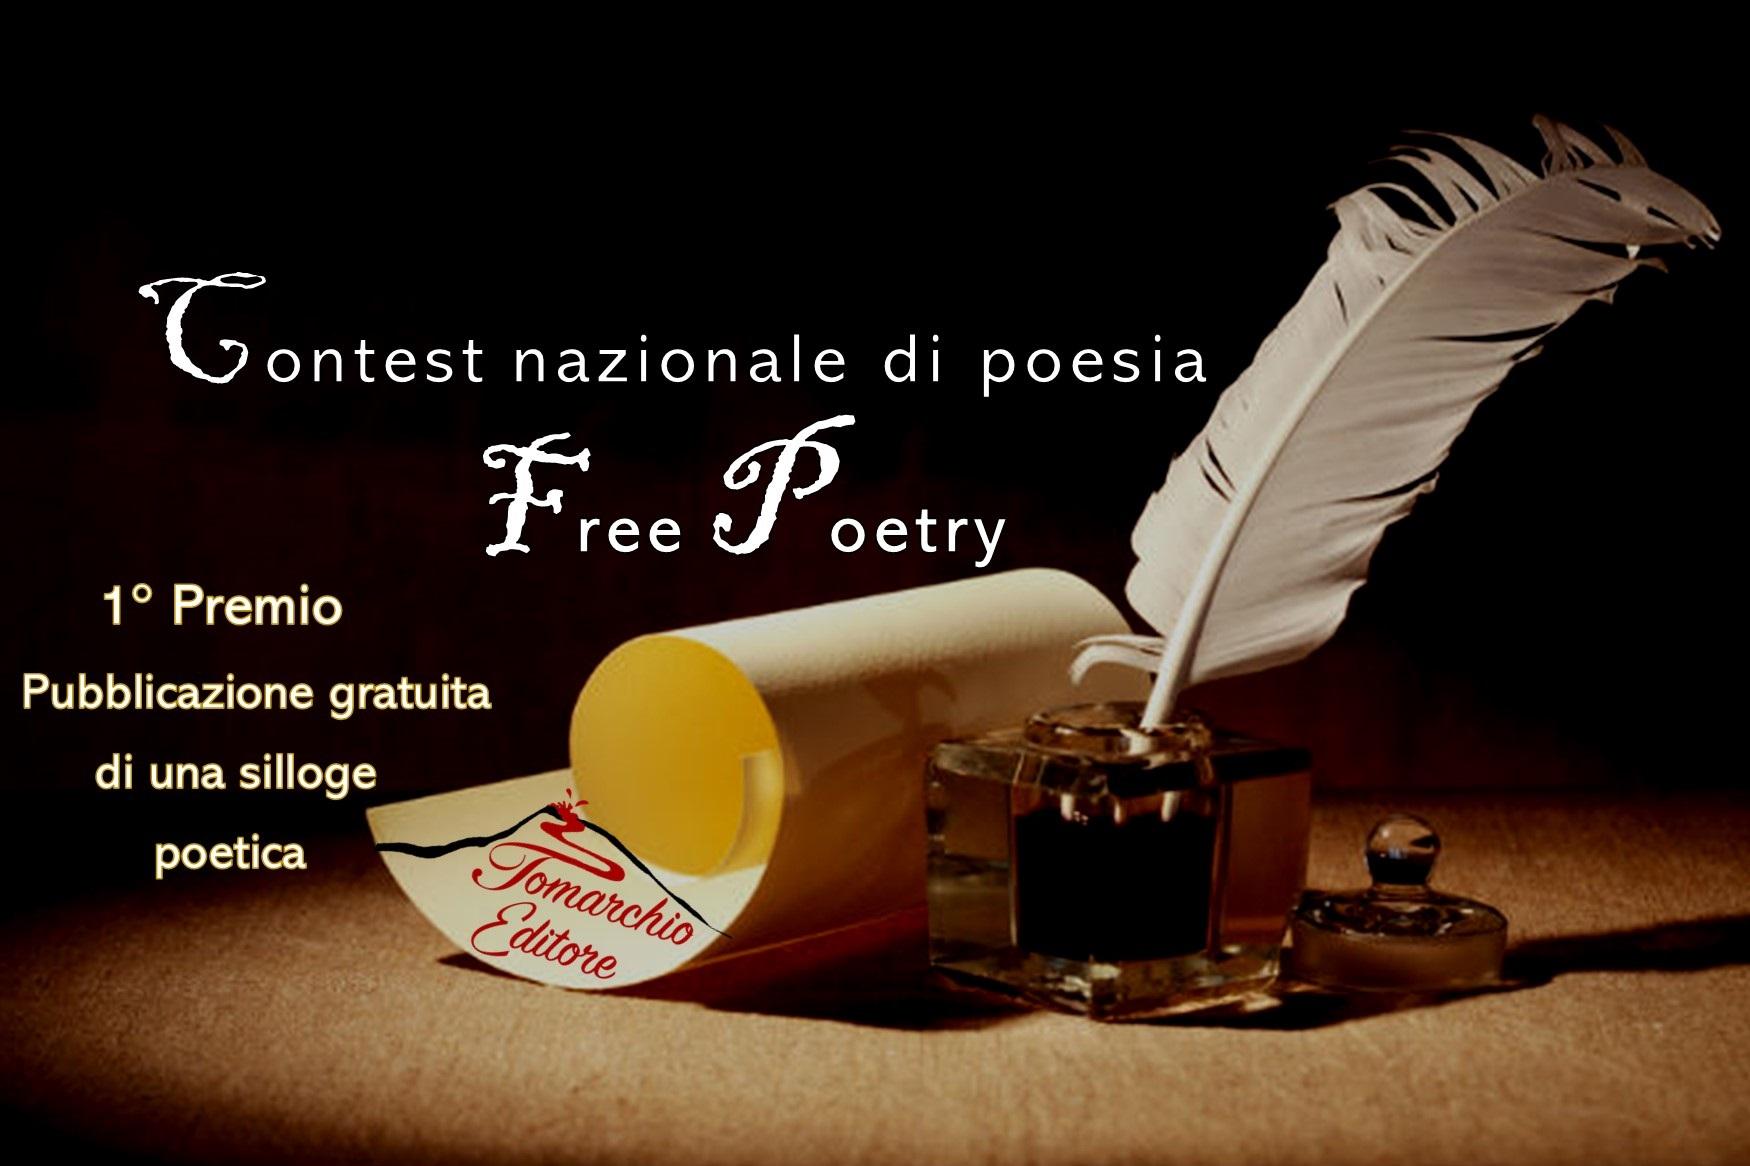 Contest Free Poetry